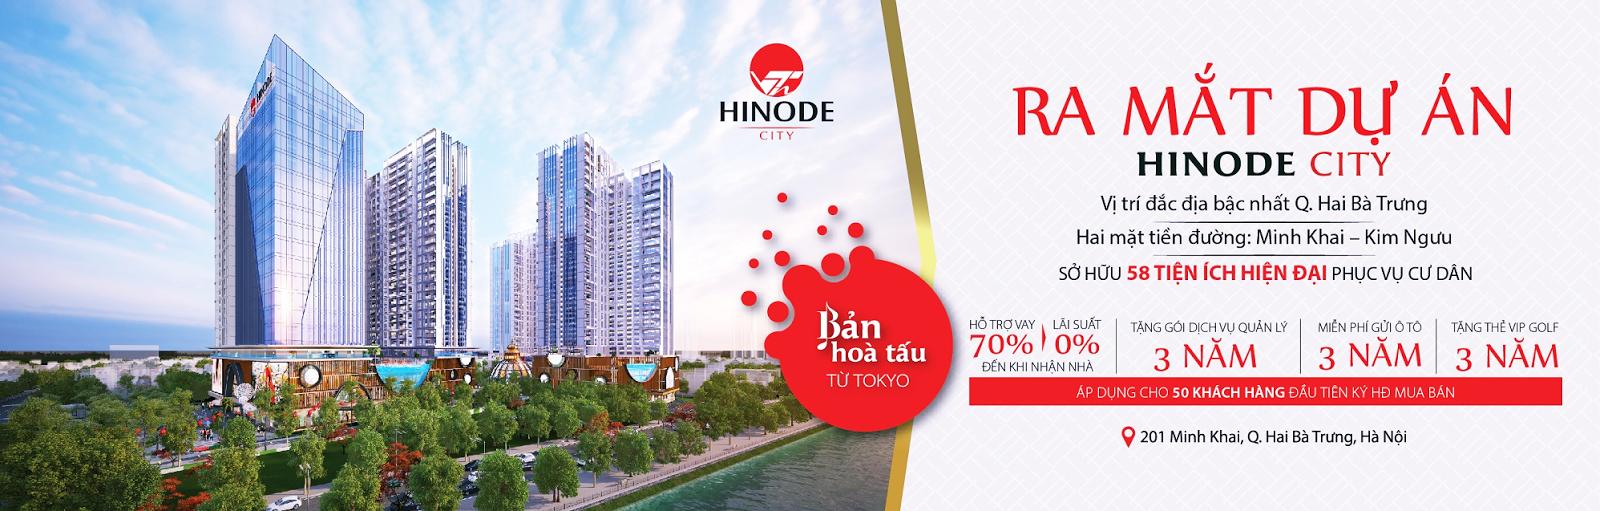 Mở bán chung cư Hinode City